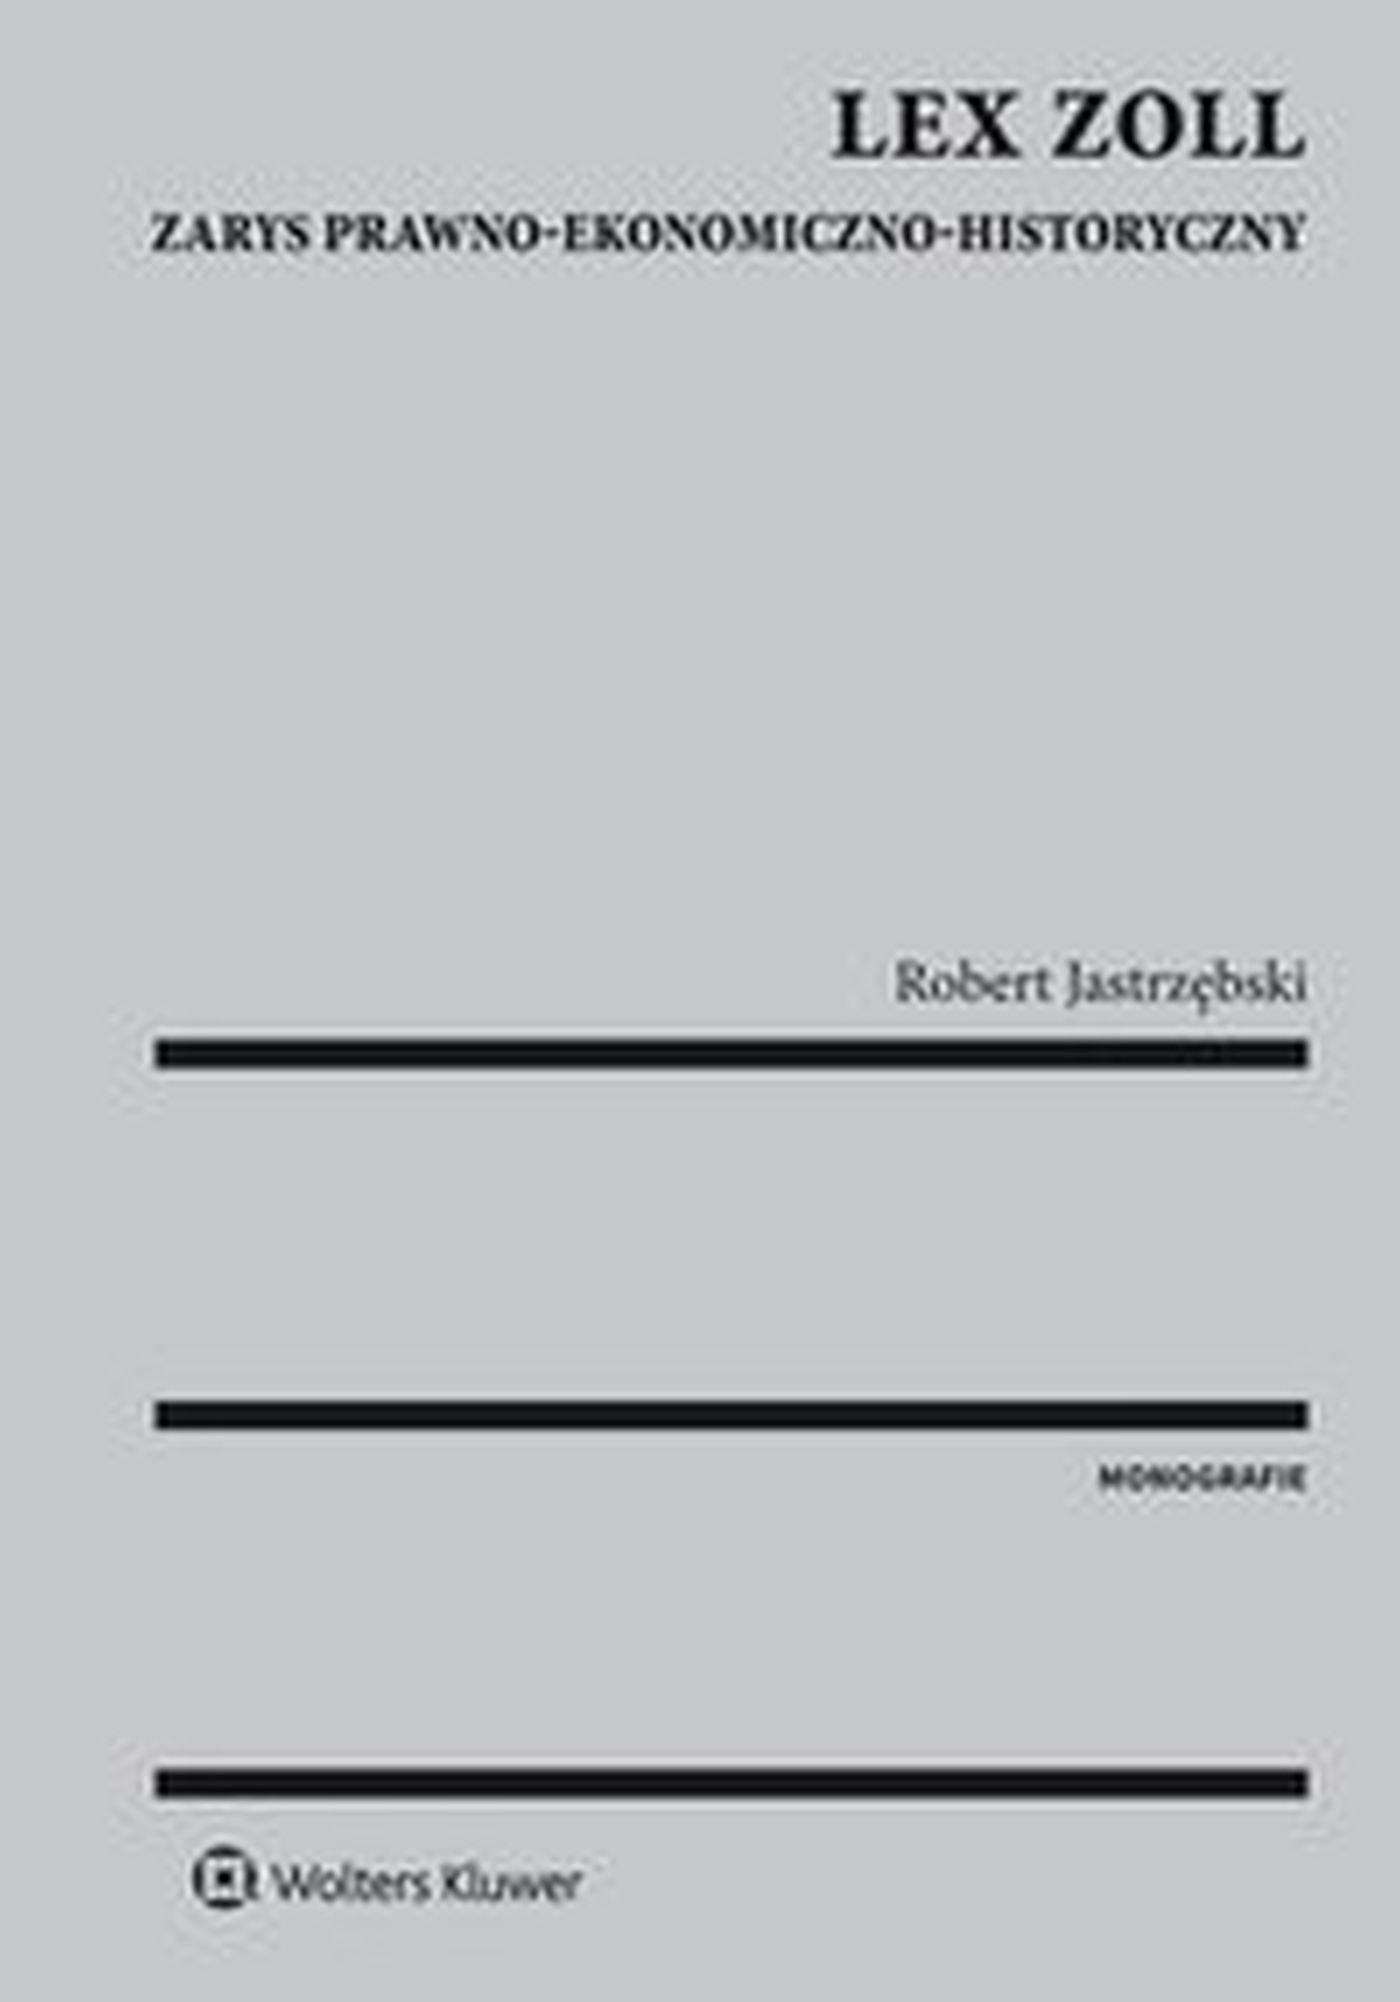 Lex Zoll. Zarys prawno-ekonomiczno-historyczny - Ebook (Książka EPUB) do pobrania w formacie EPUB